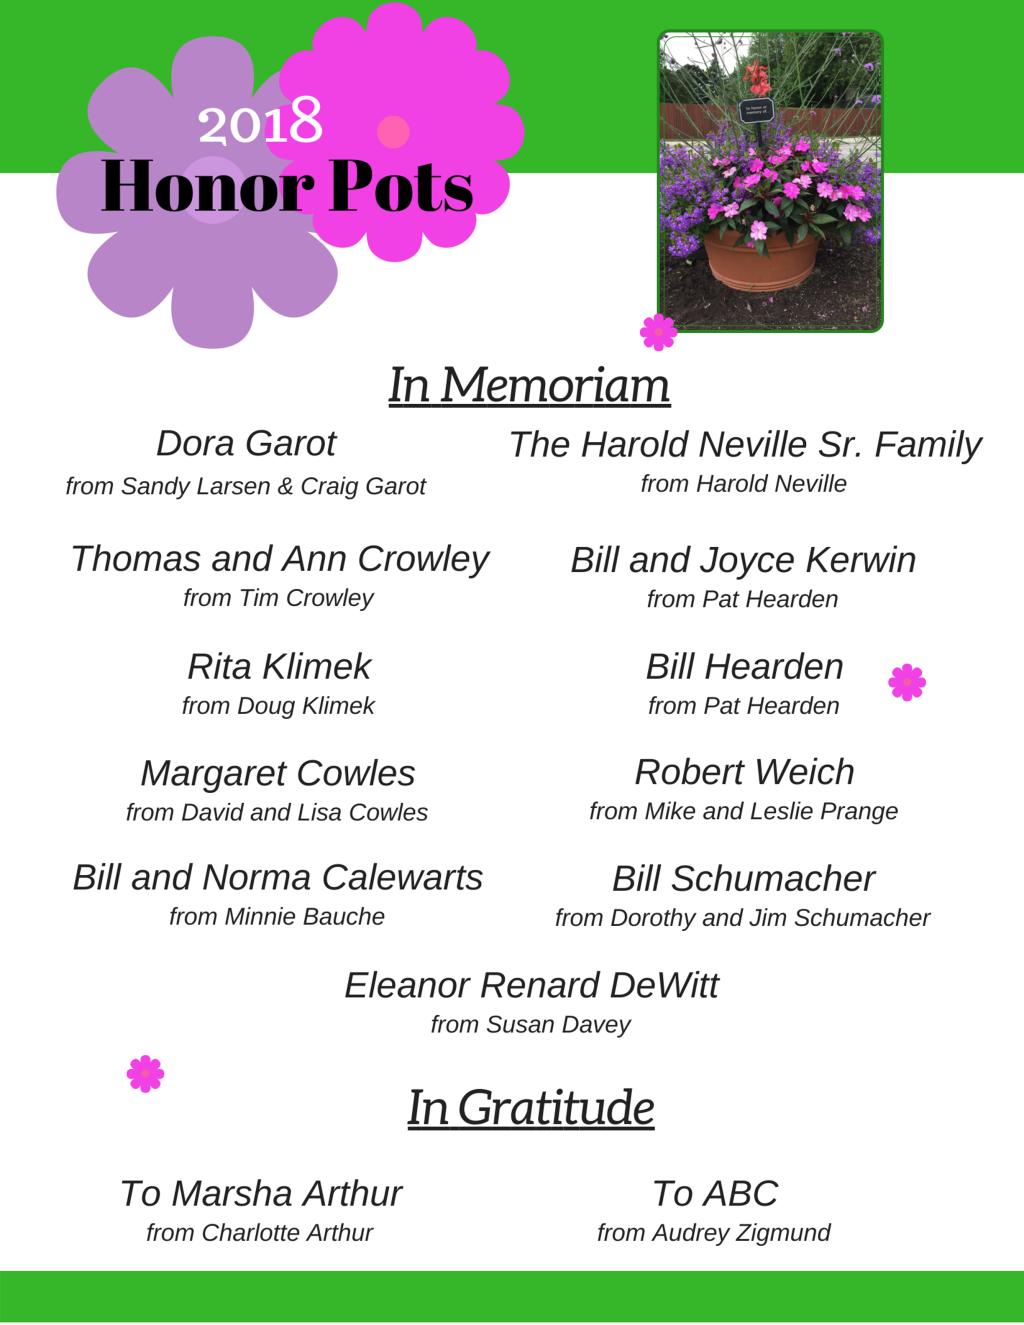 2018 Honor Pots.png